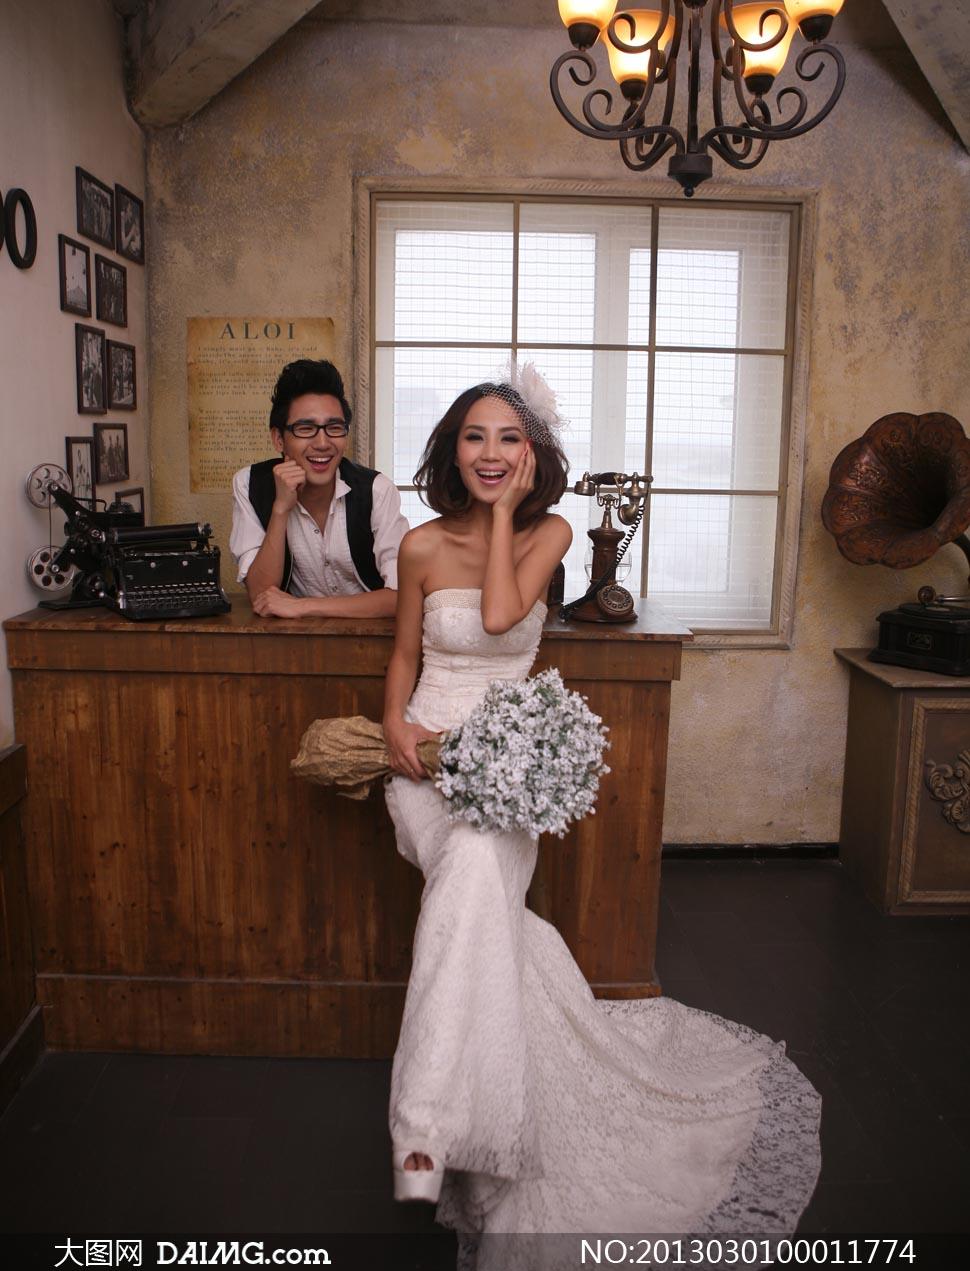 坐在沙发上的婚纱照